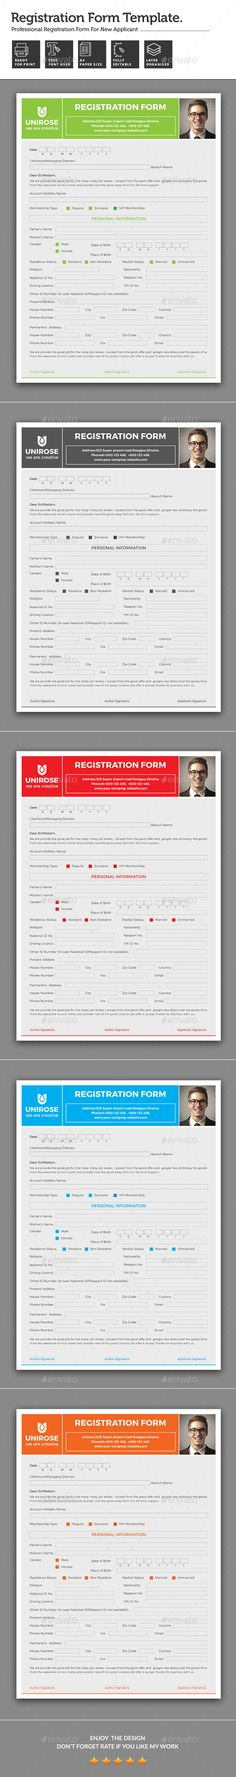 Paper Registration Form Template Html5 Upload Form App Script Google Sheet  Web Form Templates .